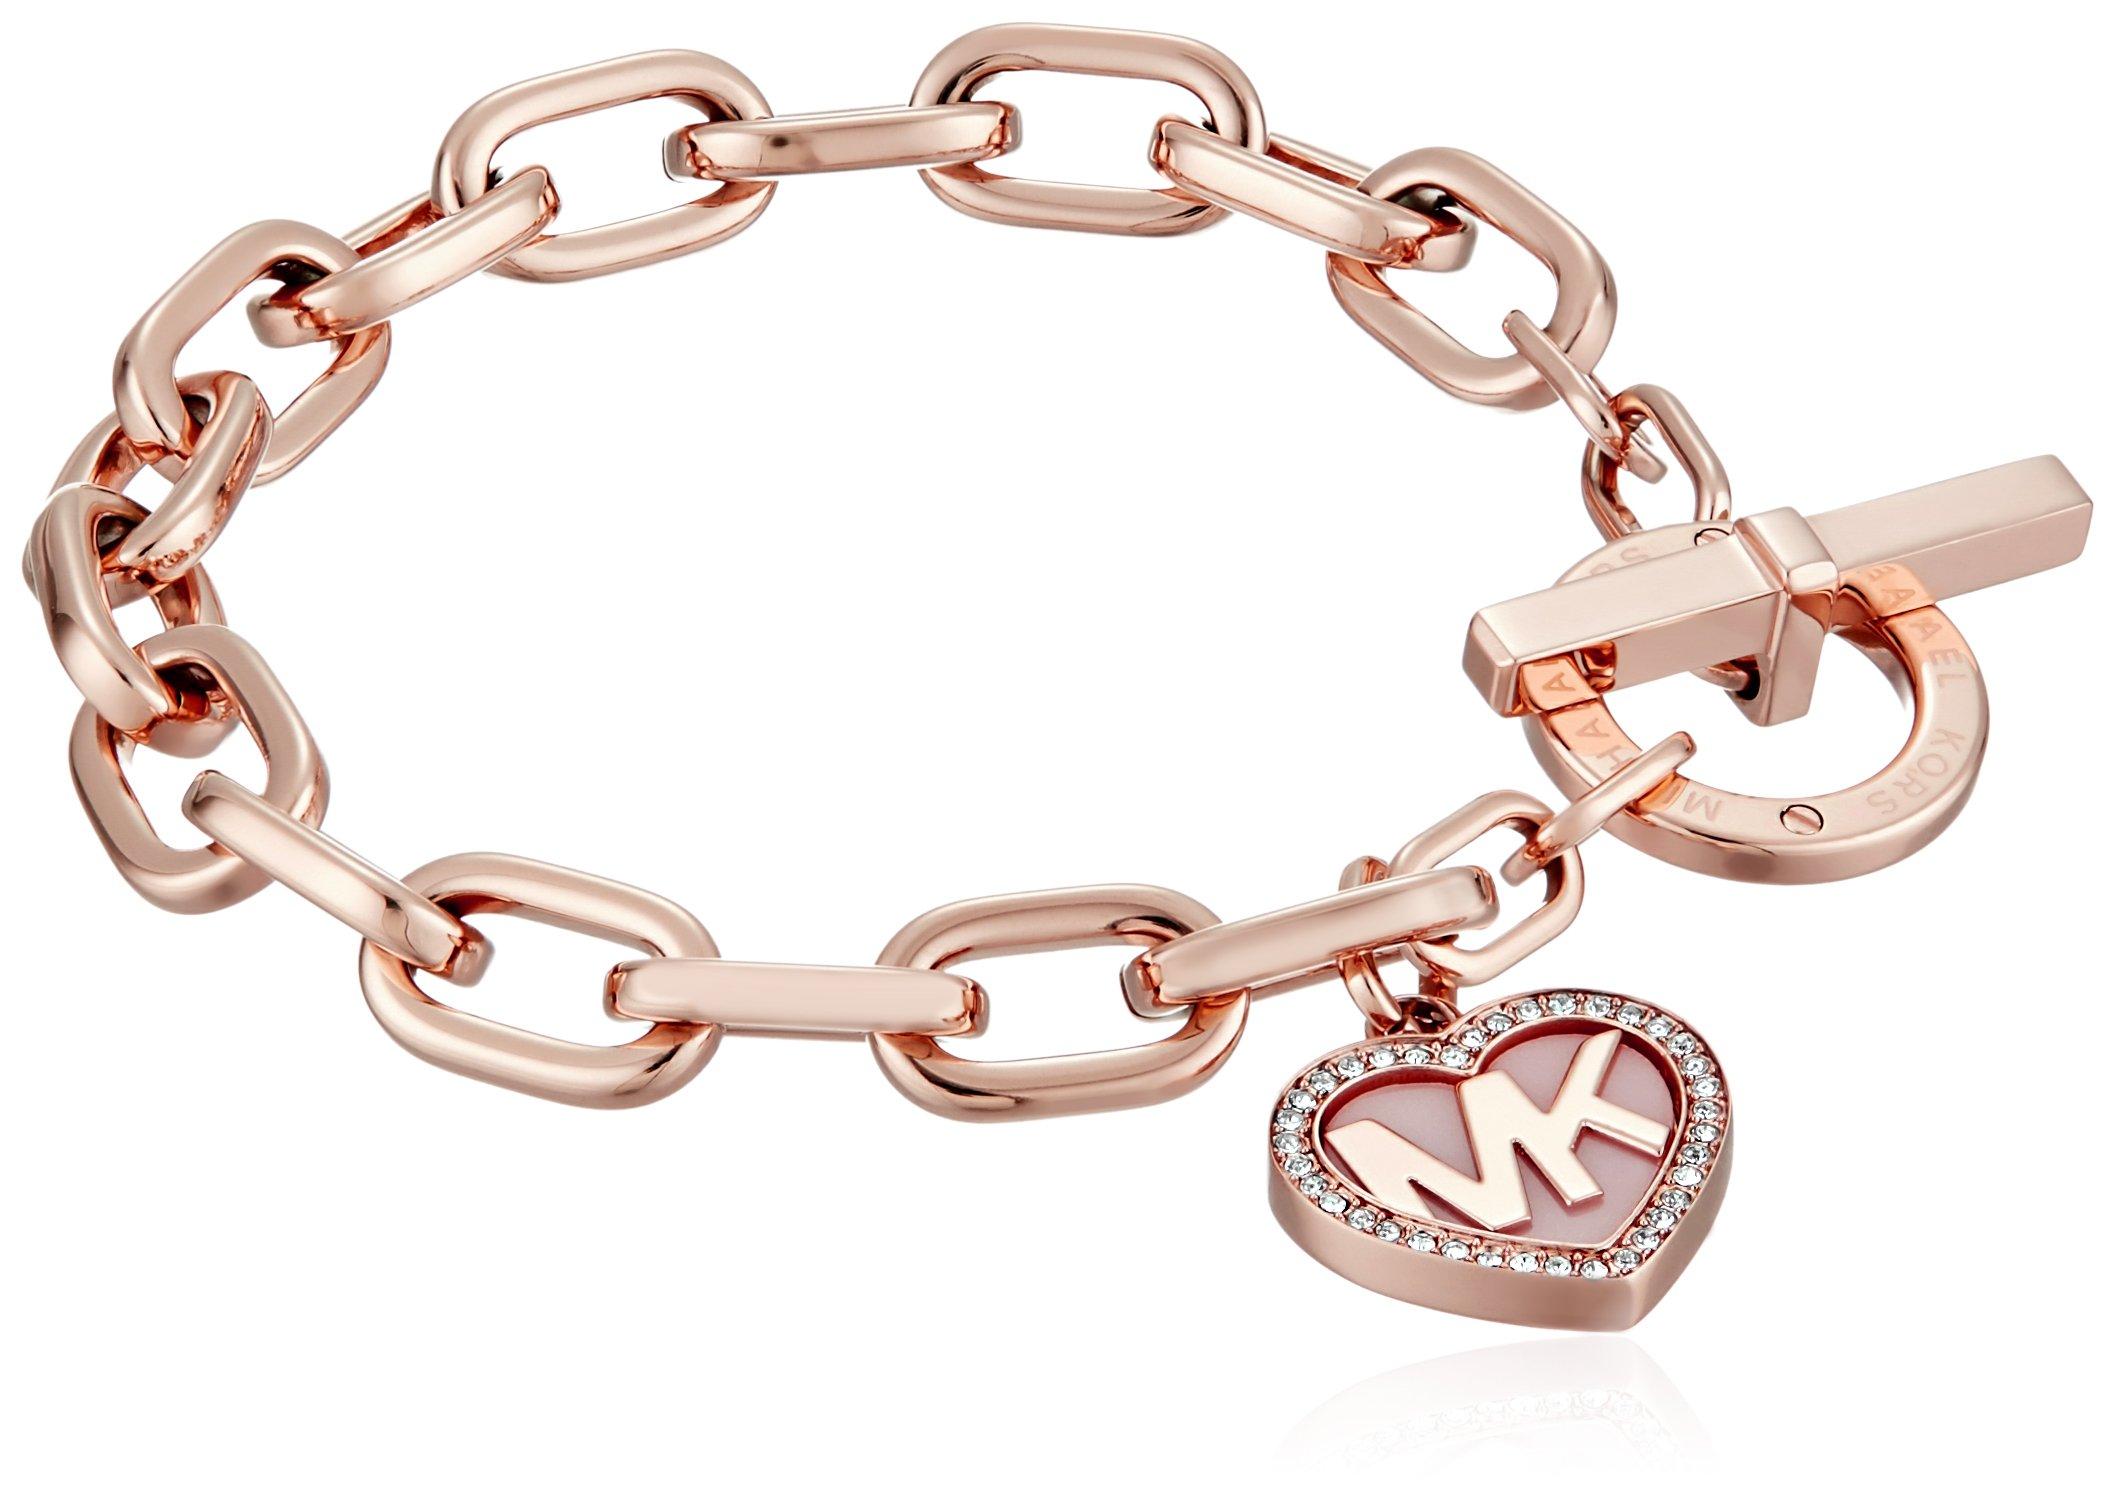 Michael Kors Symbols Rose Gold-Tone Link Bracelet